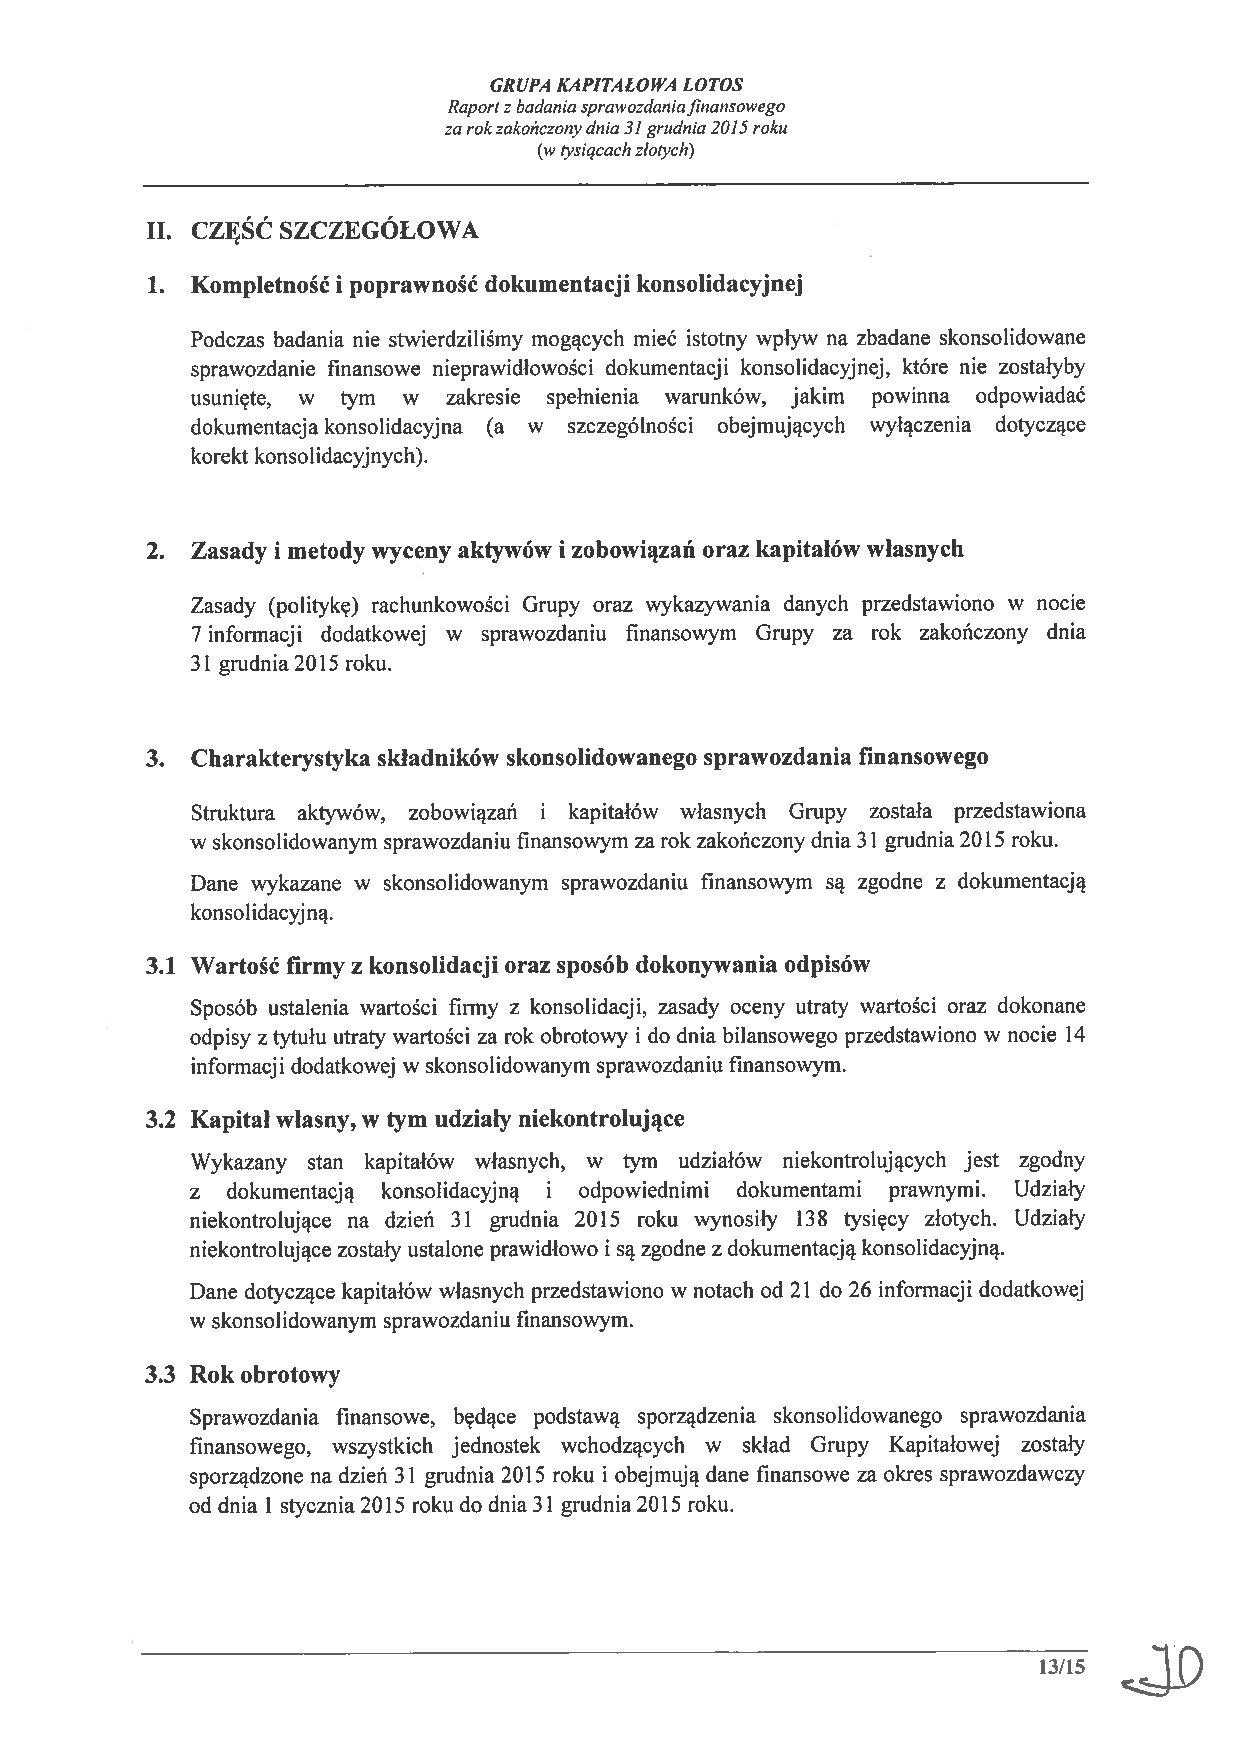 Grupa Kapitalowa LOTOS 2015 - Raport audytora z badania Skonsolidowanego Sprawozdania Finansowego strona 13